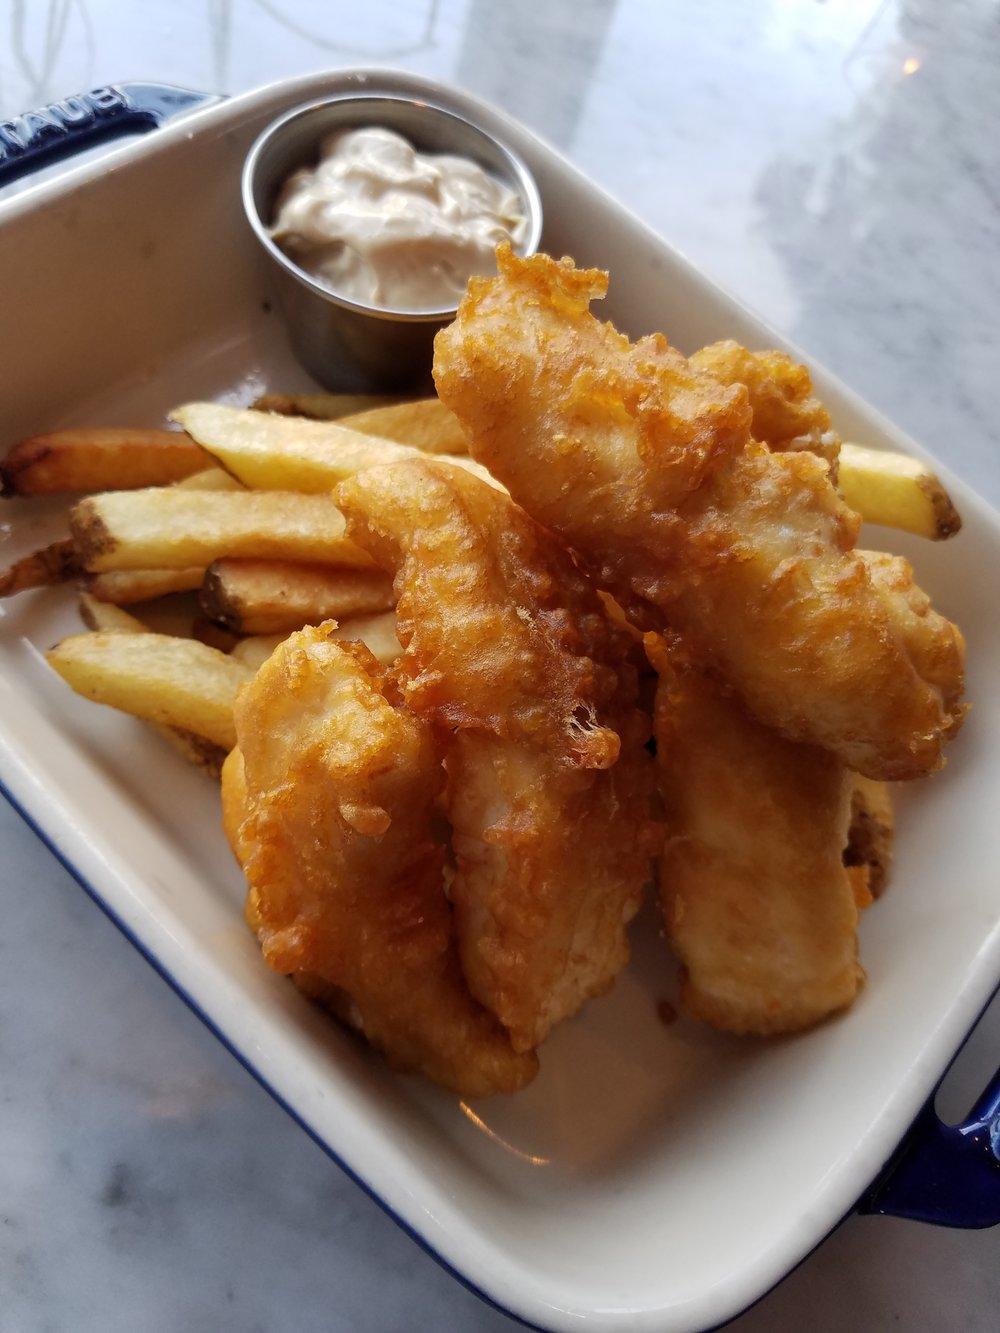 THURSDAYSFish & Chips - With Malt Vinegar Mayo